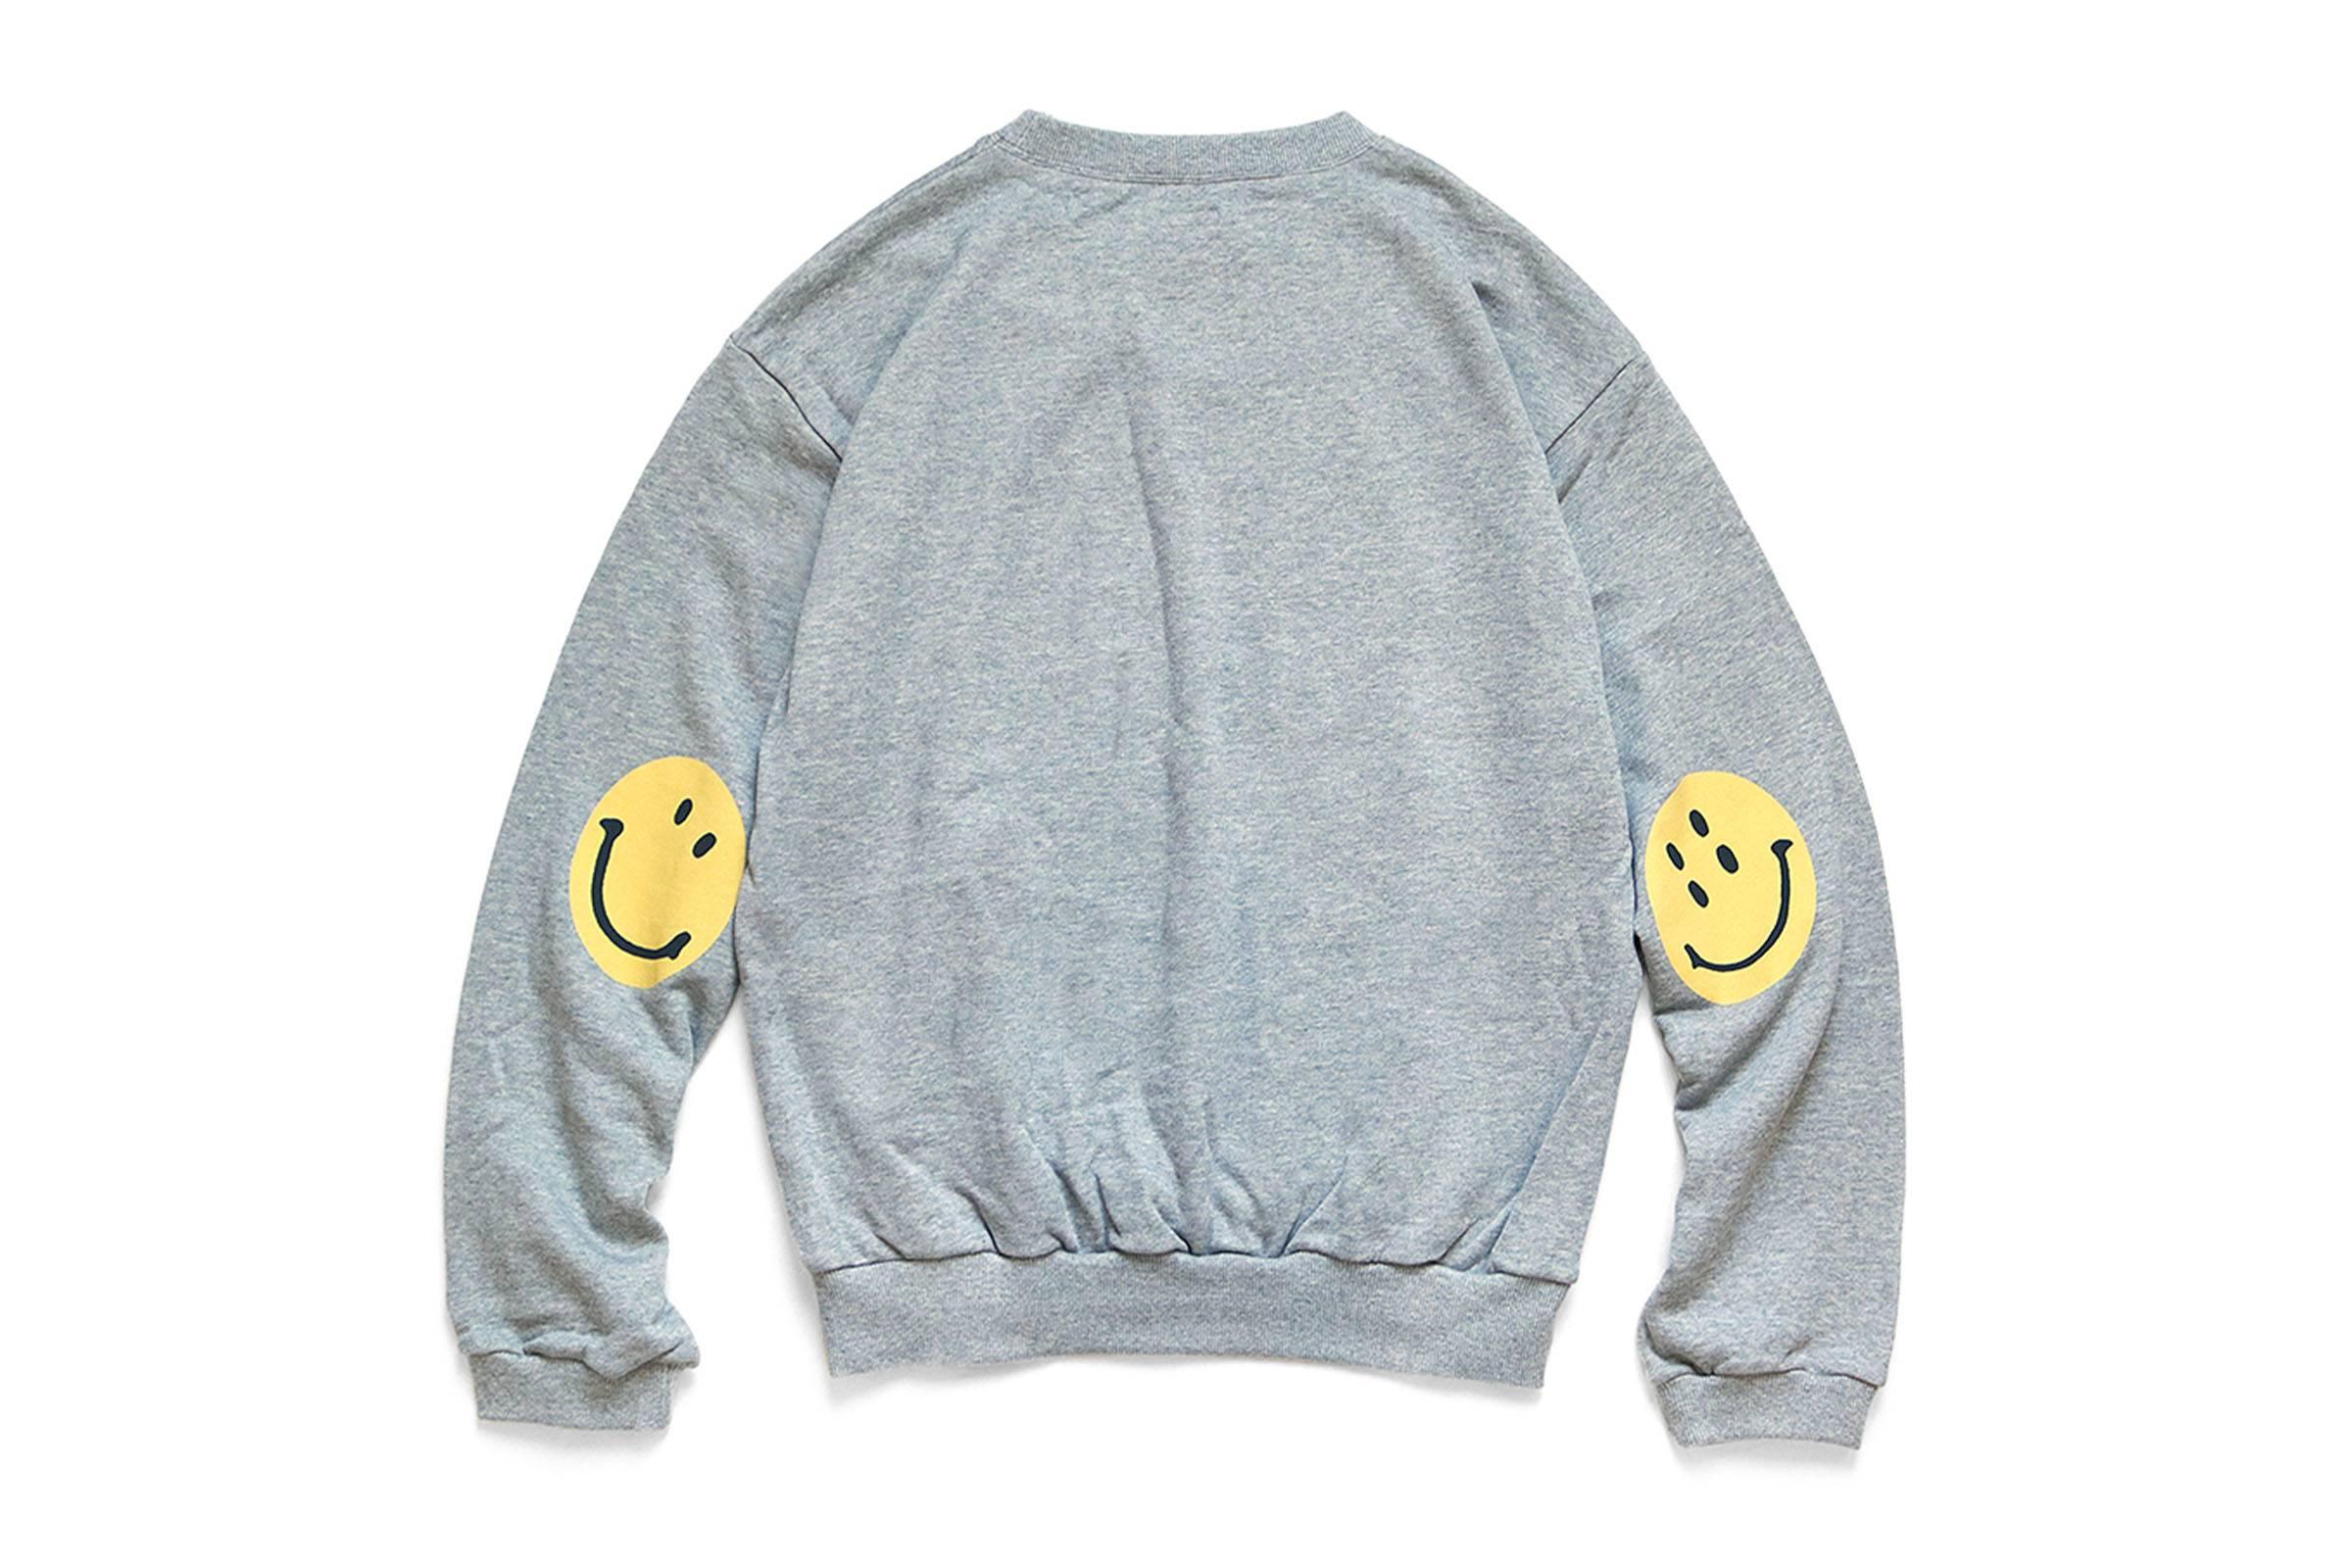 Kapital Smiley Face Eco Fleece Crewneck